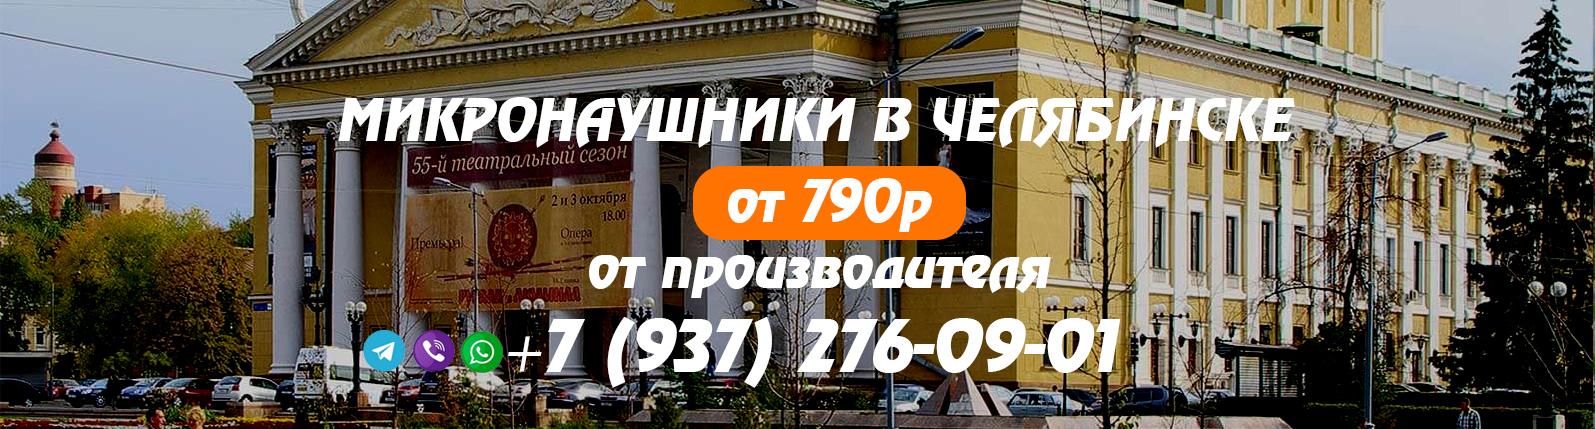 mikronaushniki-chelyabinsk